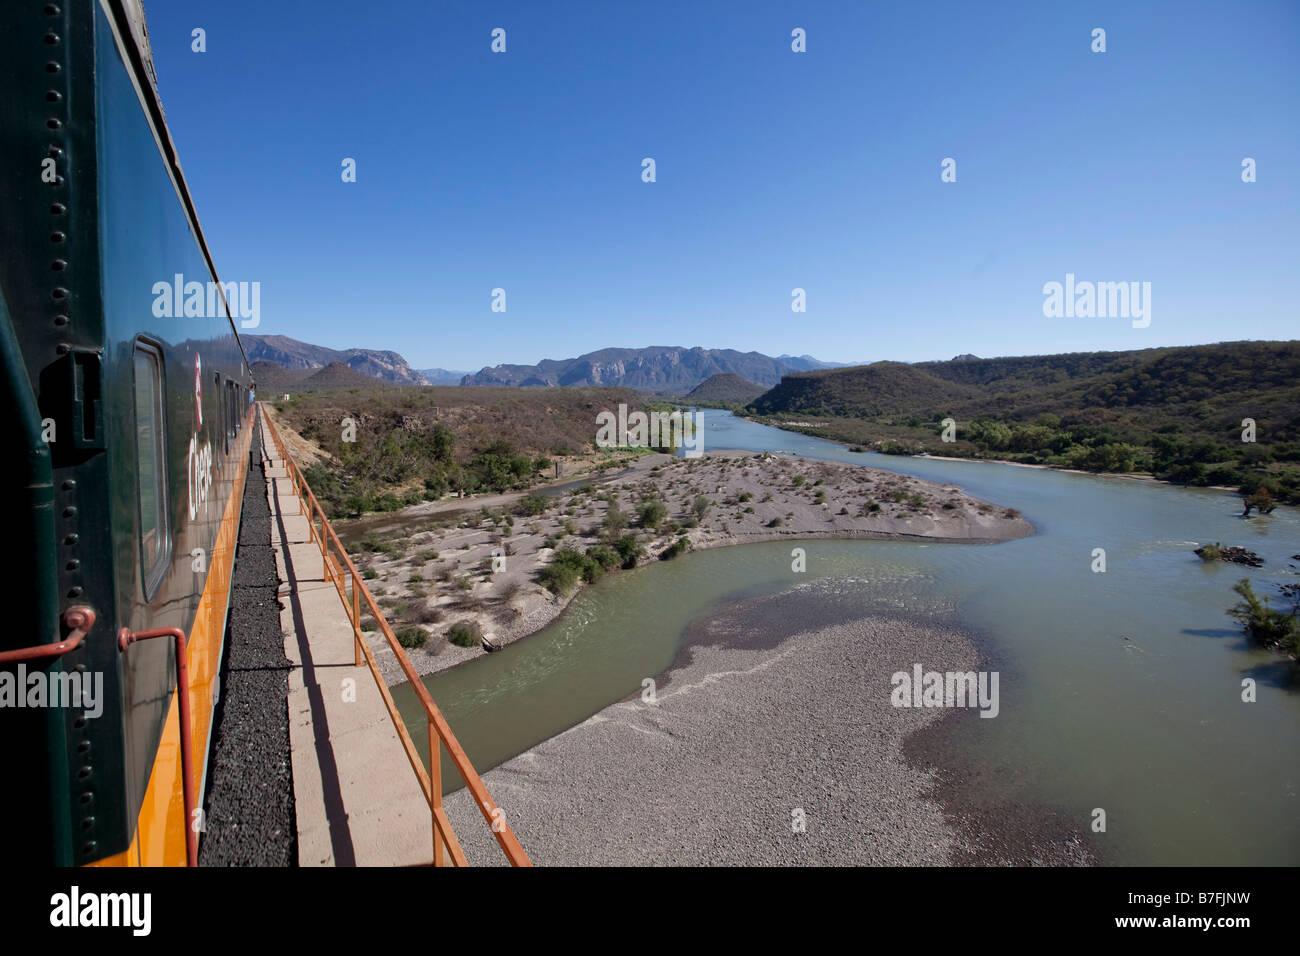 Viaje en tren de Barranca del Cobre, Chihuahua, México Imagen De Stock